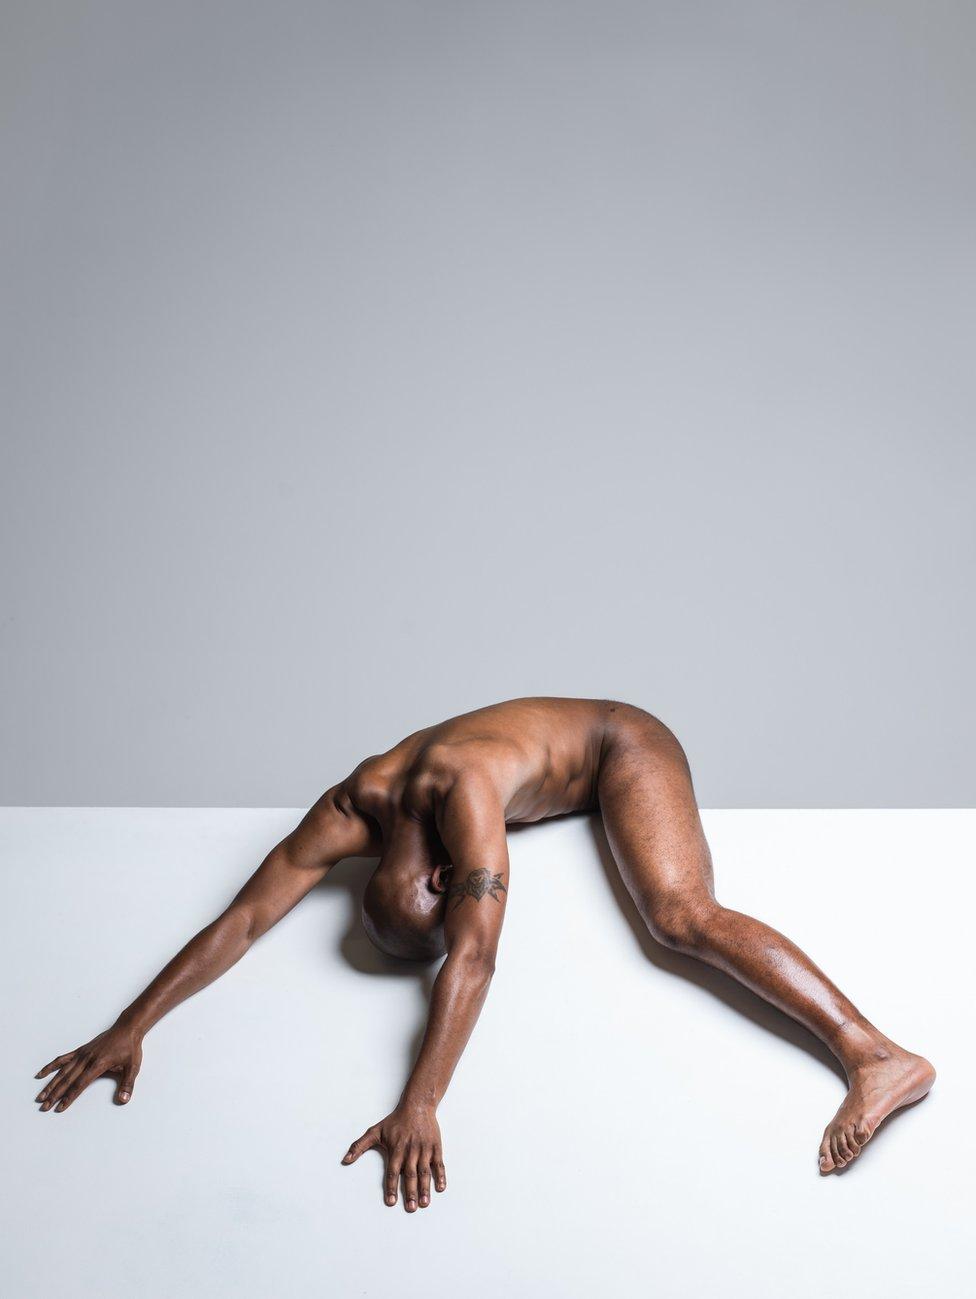 A nude drapes himself over a ledge.